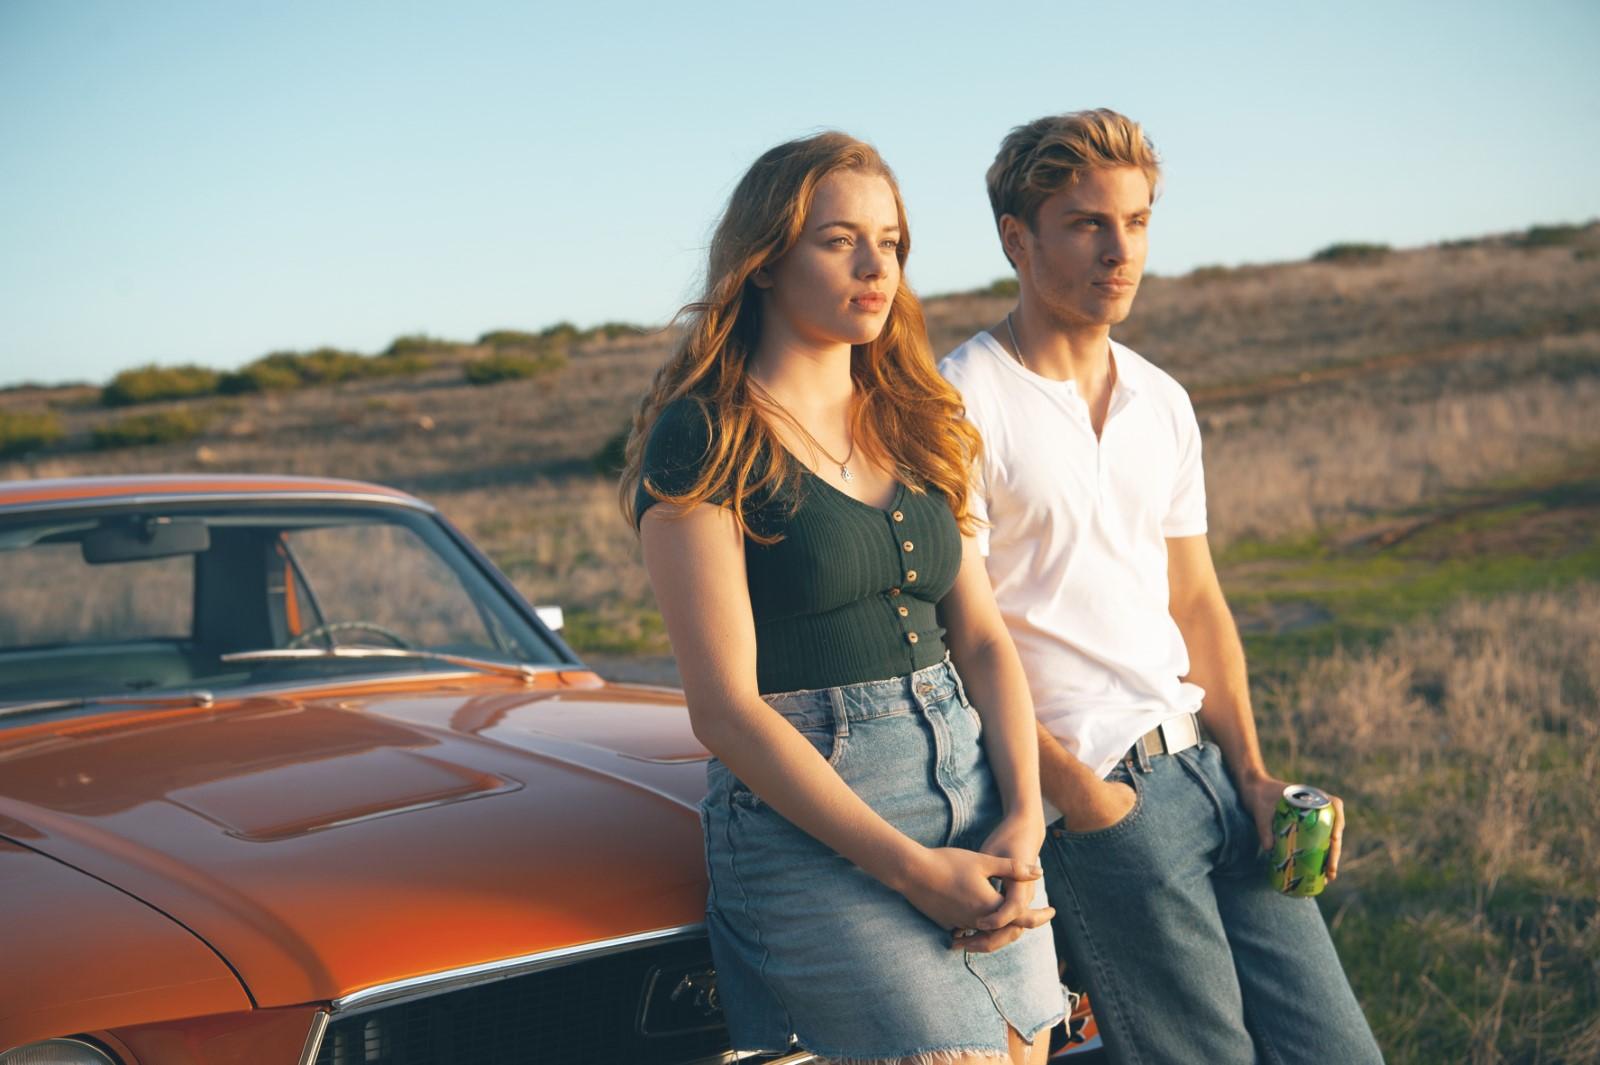 Jessica (Luna Wedler) und Danny (Jannik Schümann) auf ihrer Reise in den USA